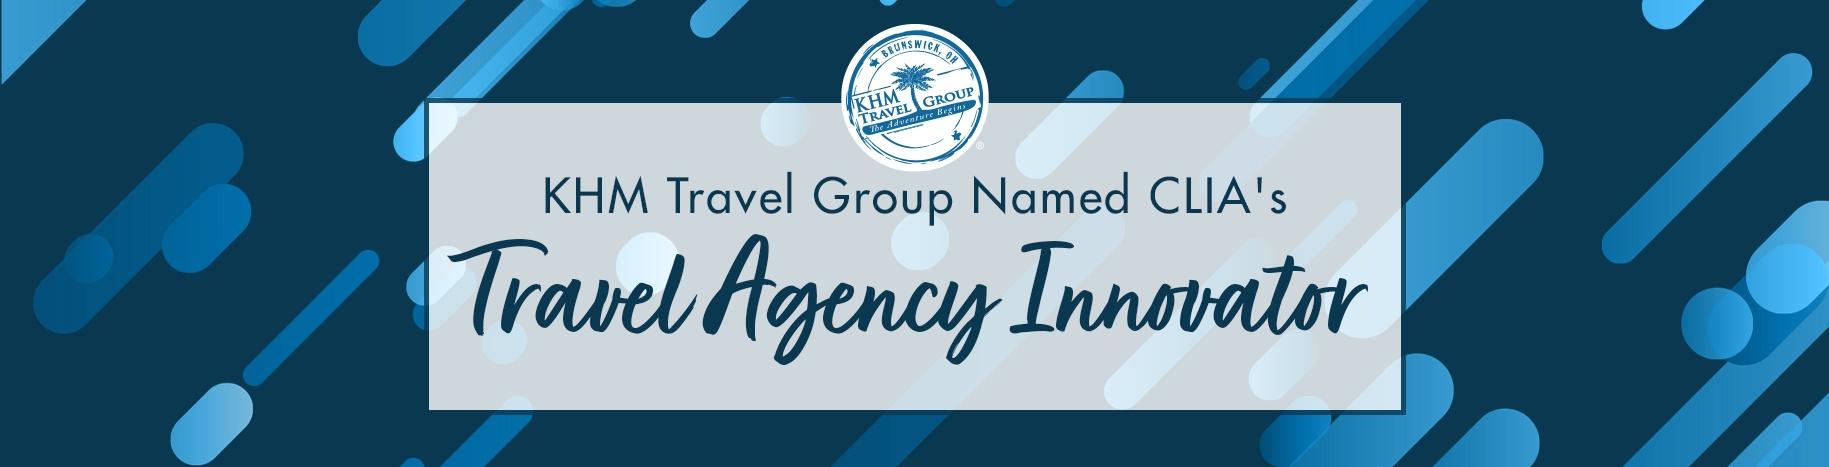 CLIA Agency Innovator Award